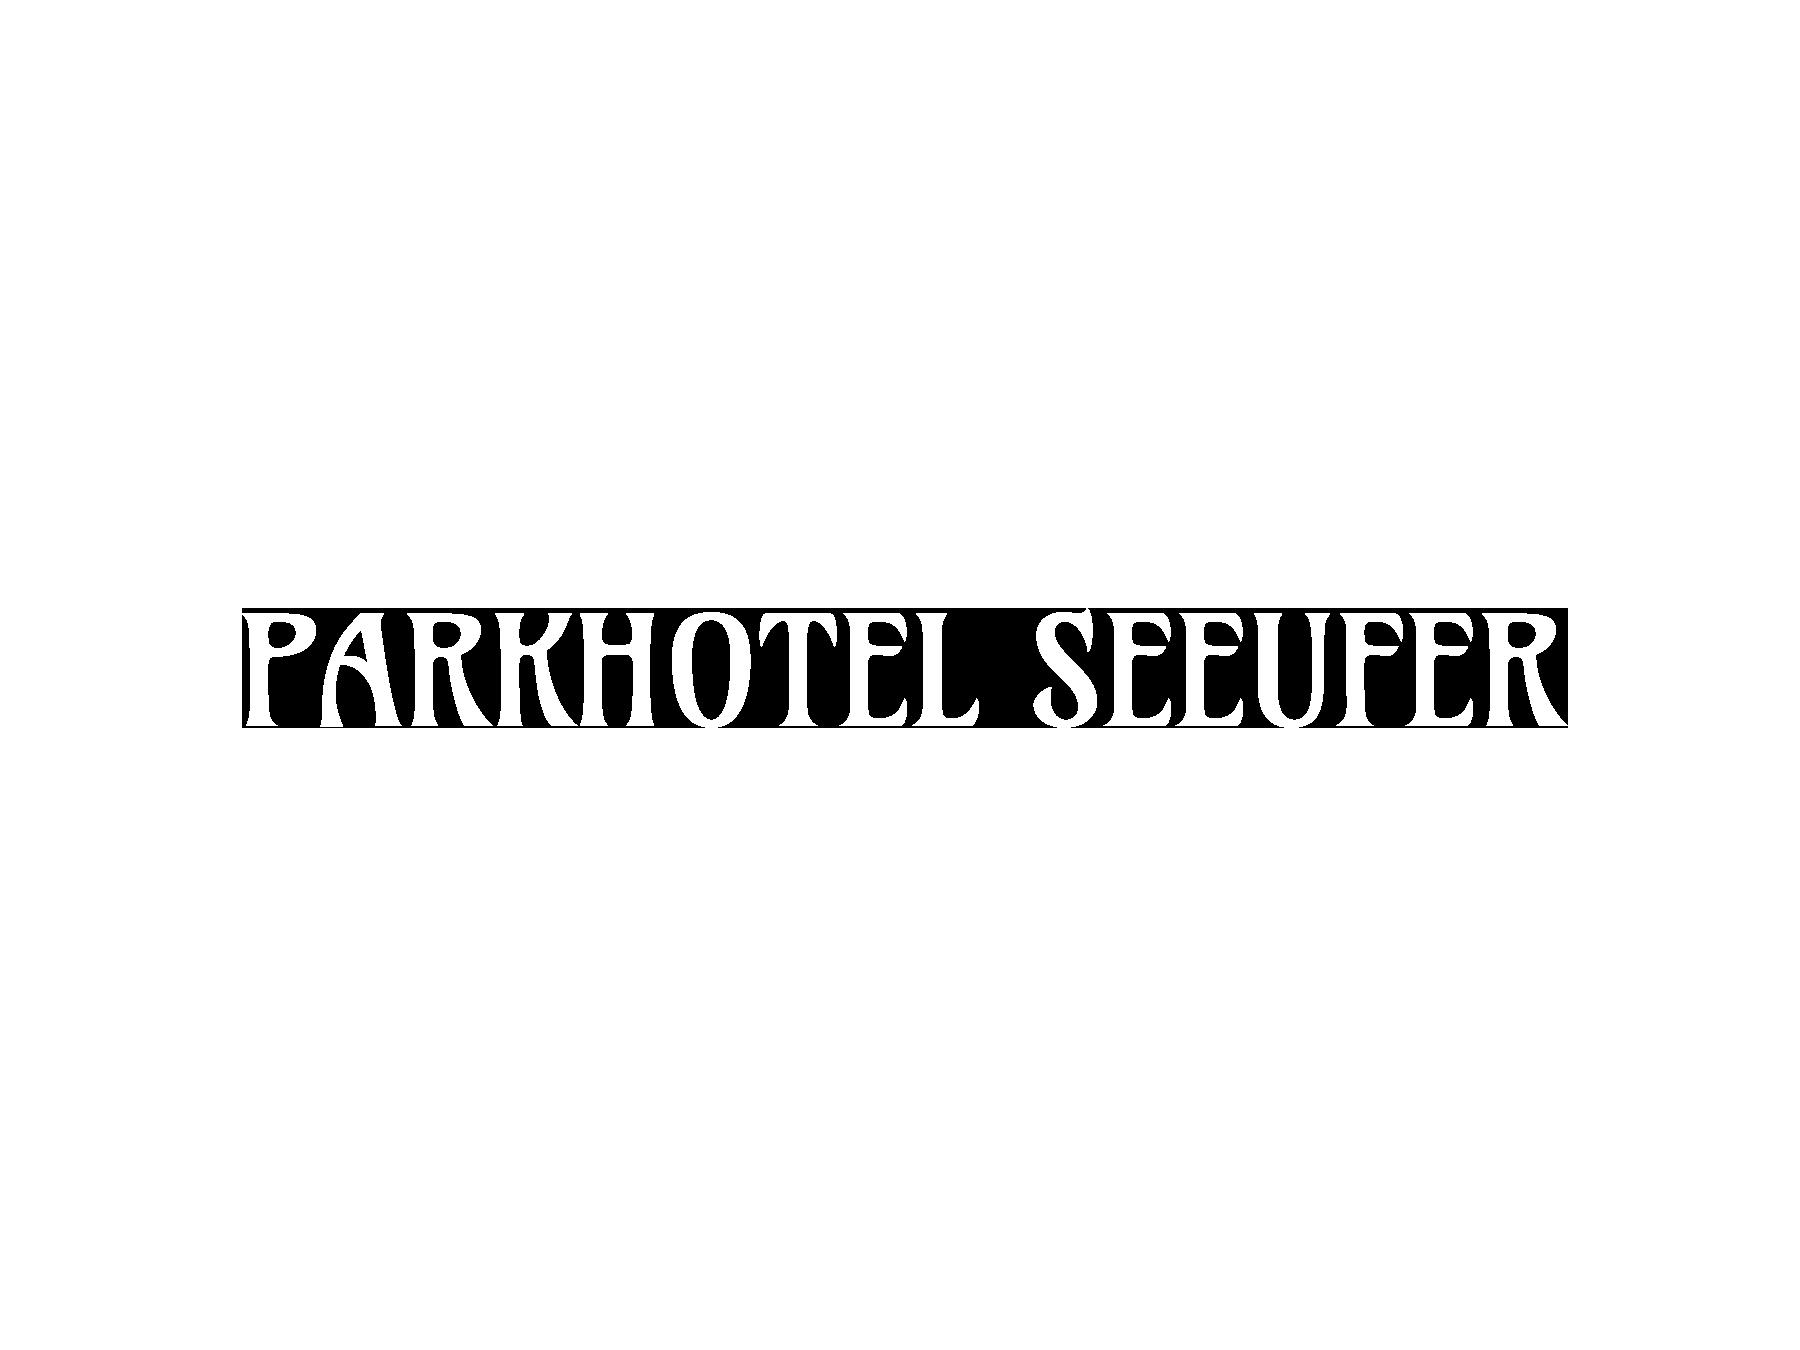 Parkhotel Seeufer